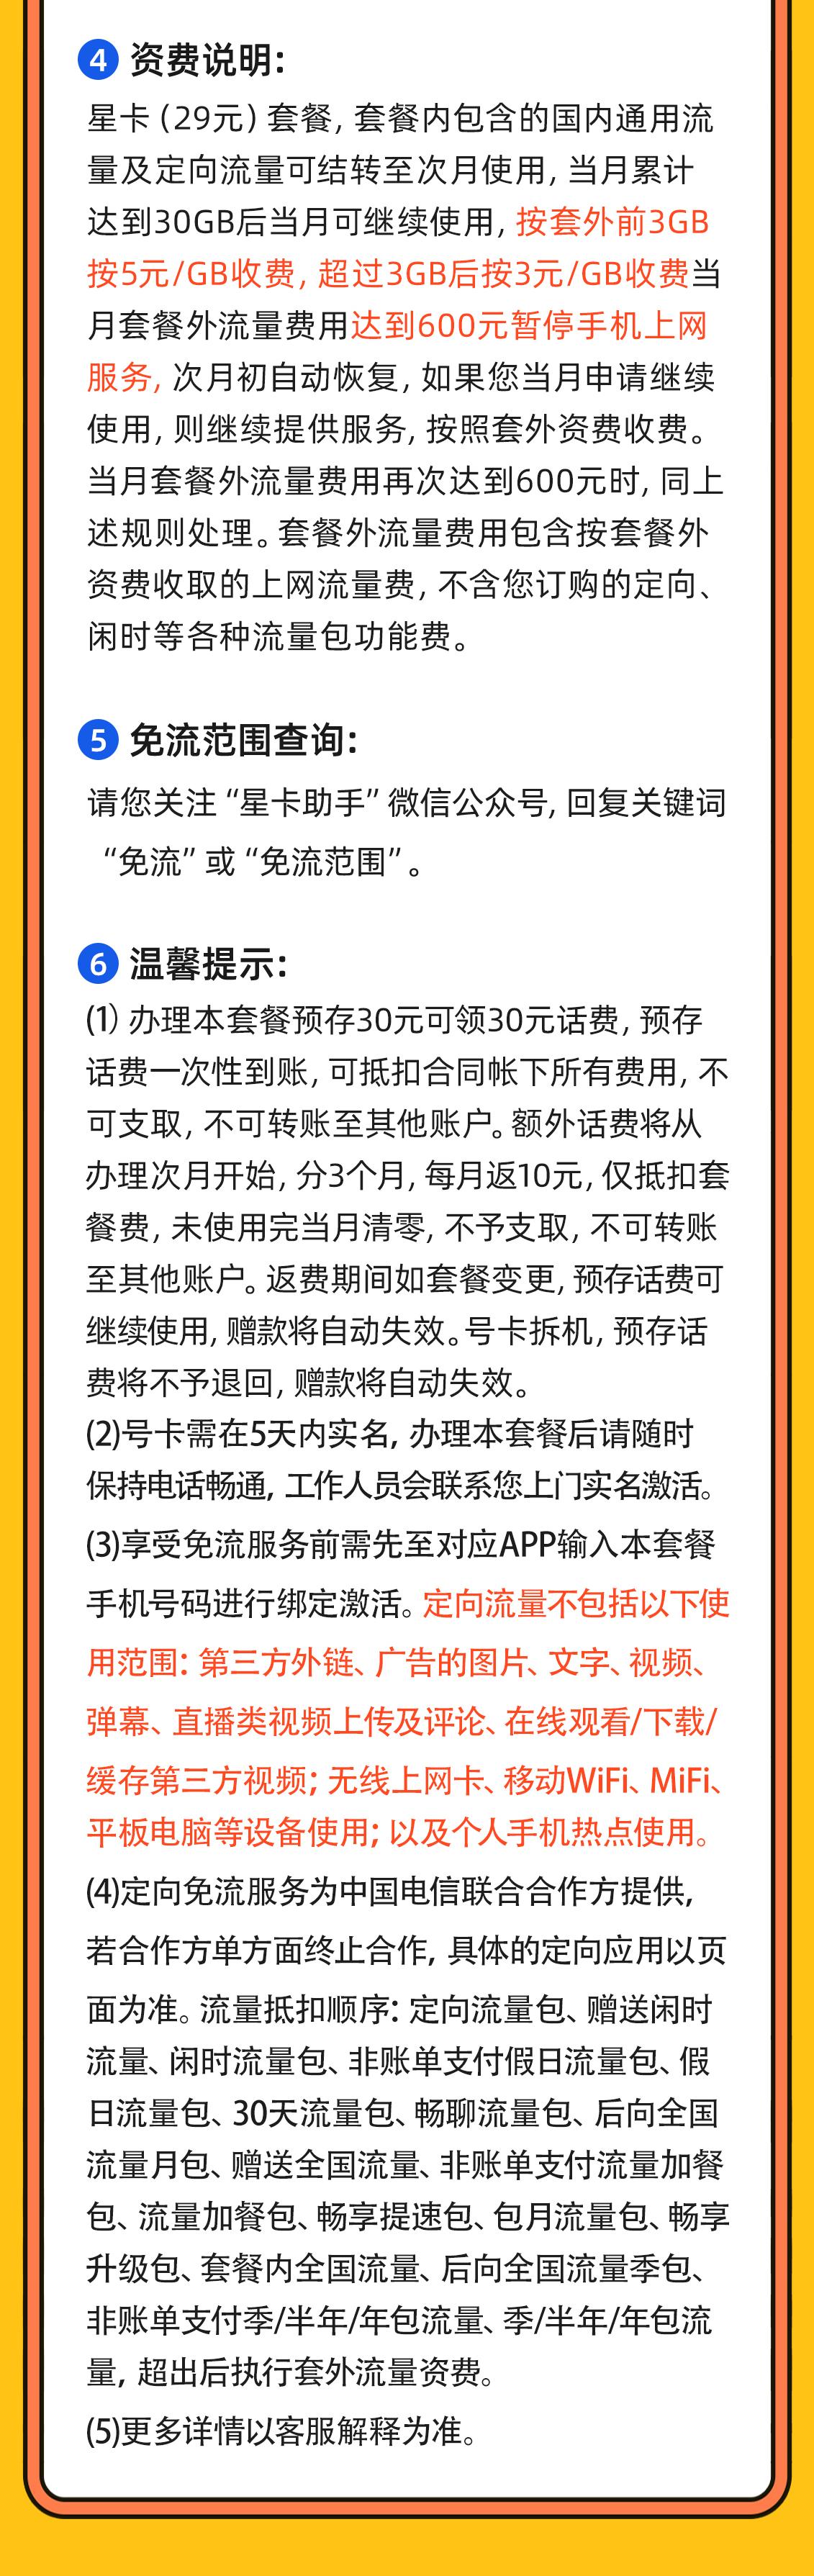 29元星卡新用户修改-2020.12_04.jpg